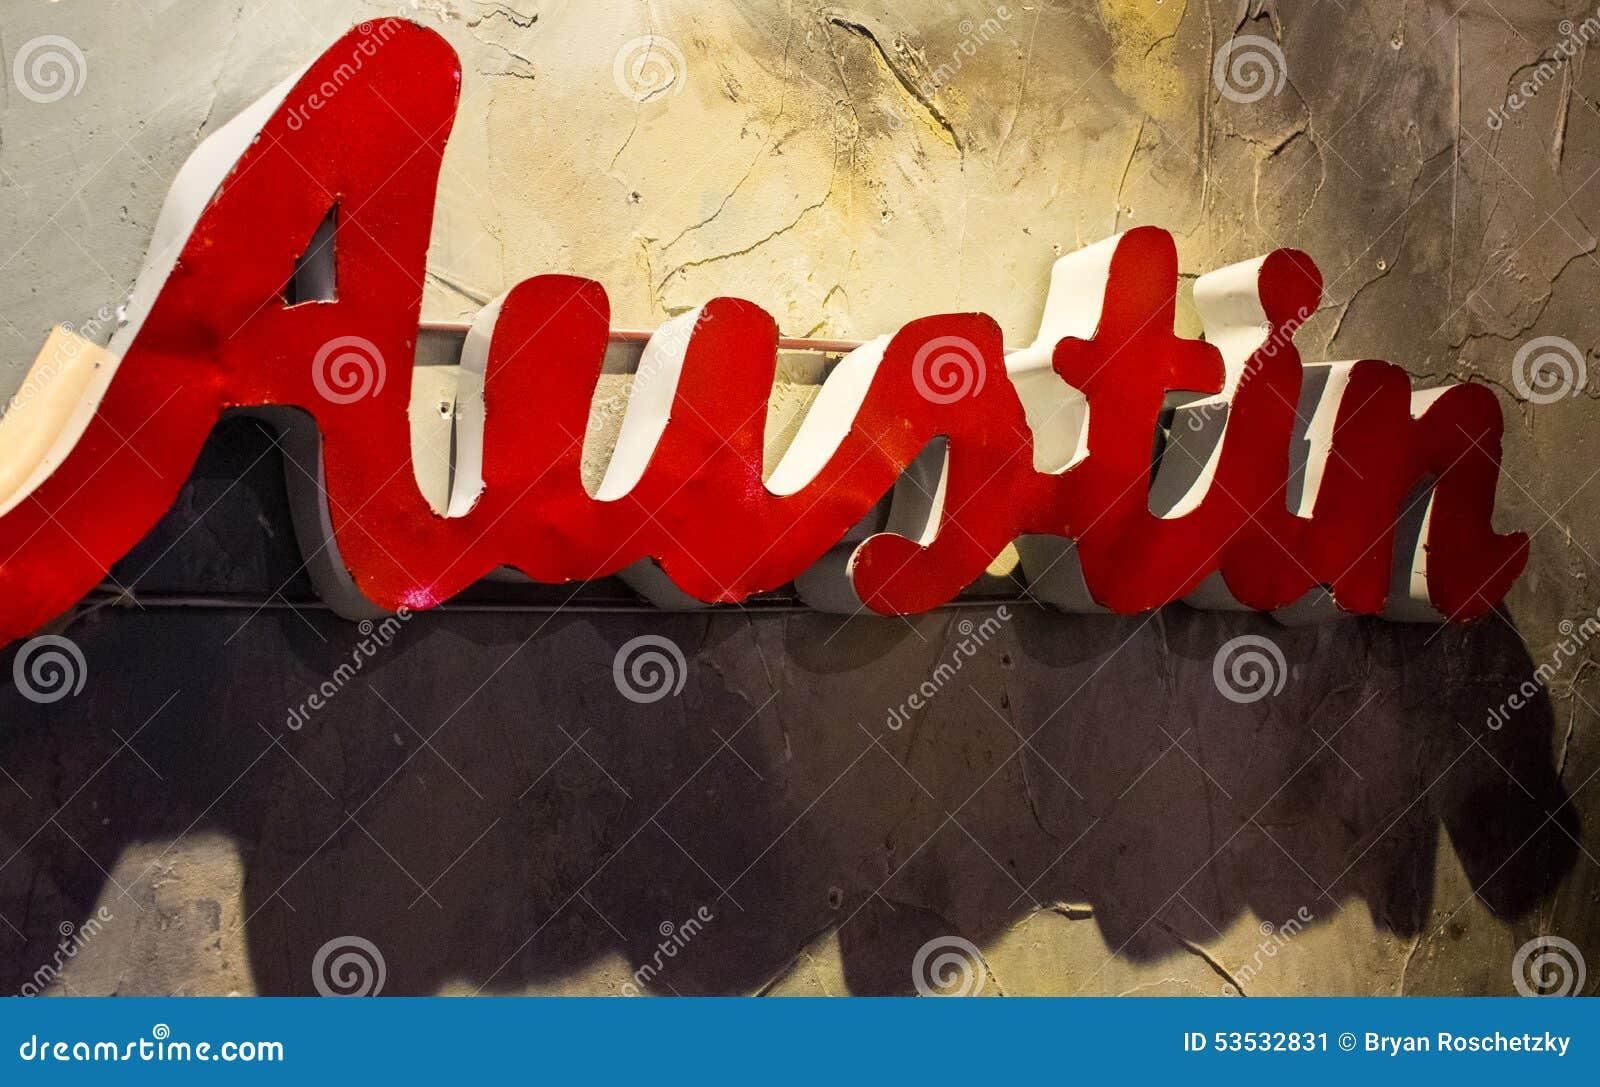 Cierre de Austin Texas Metal Sign Hanging Wall encima del ángulo